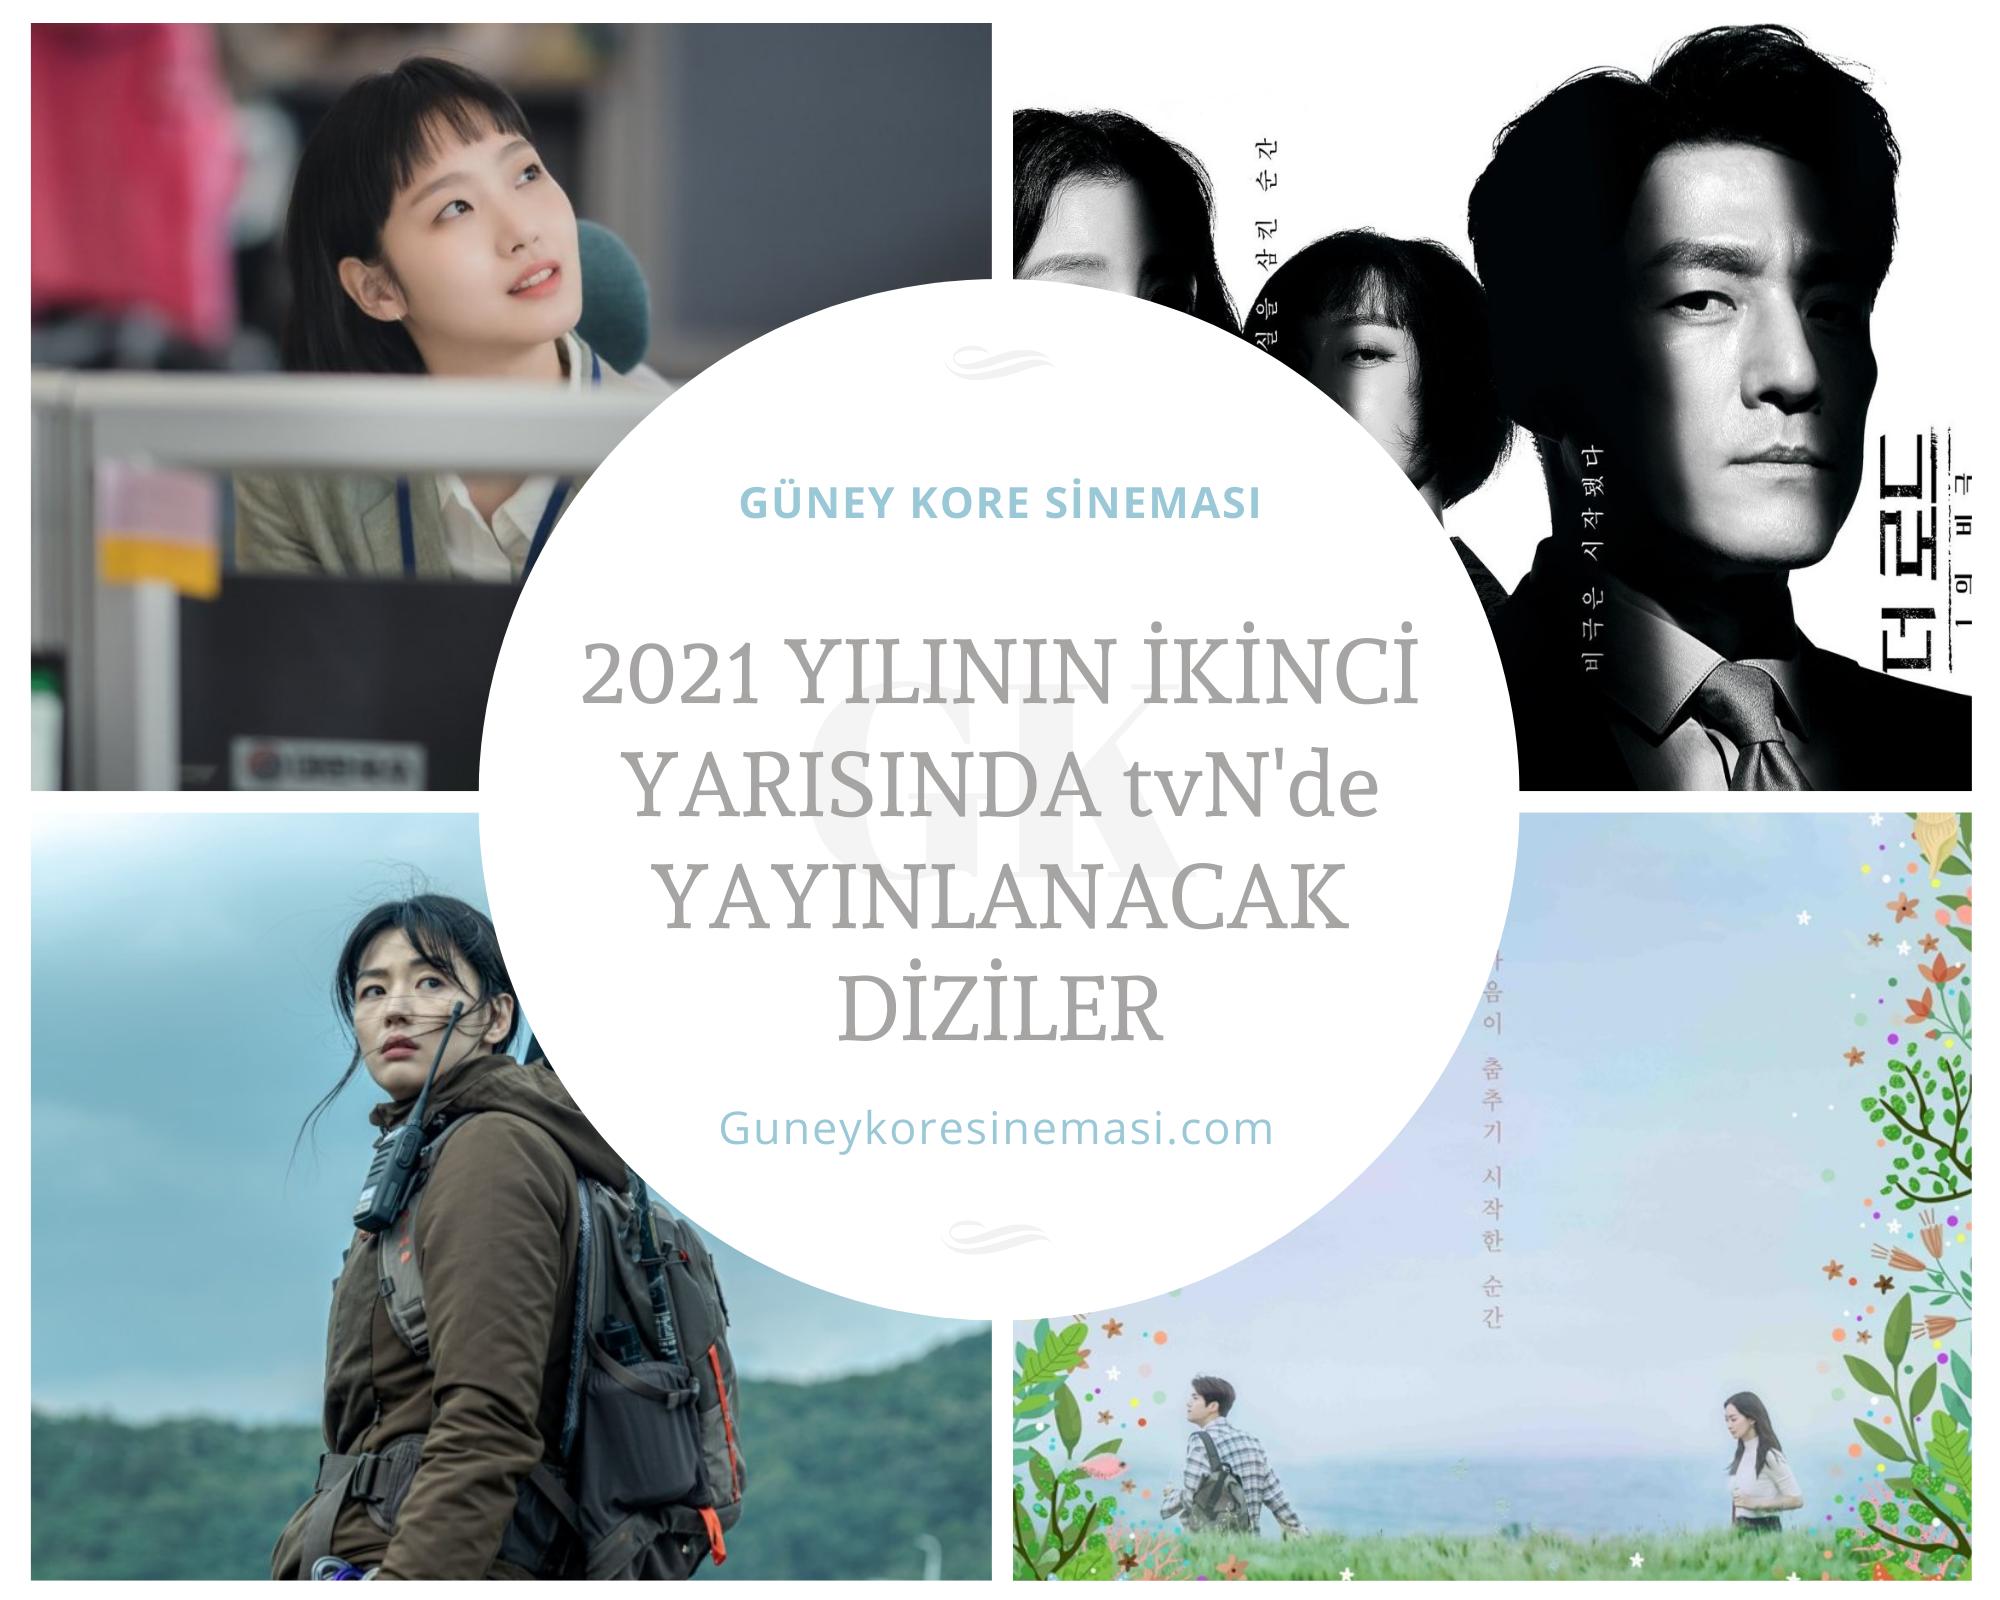 2021 Yılının İkinci Yarısında tvN'de Yayınlanacak Diziler